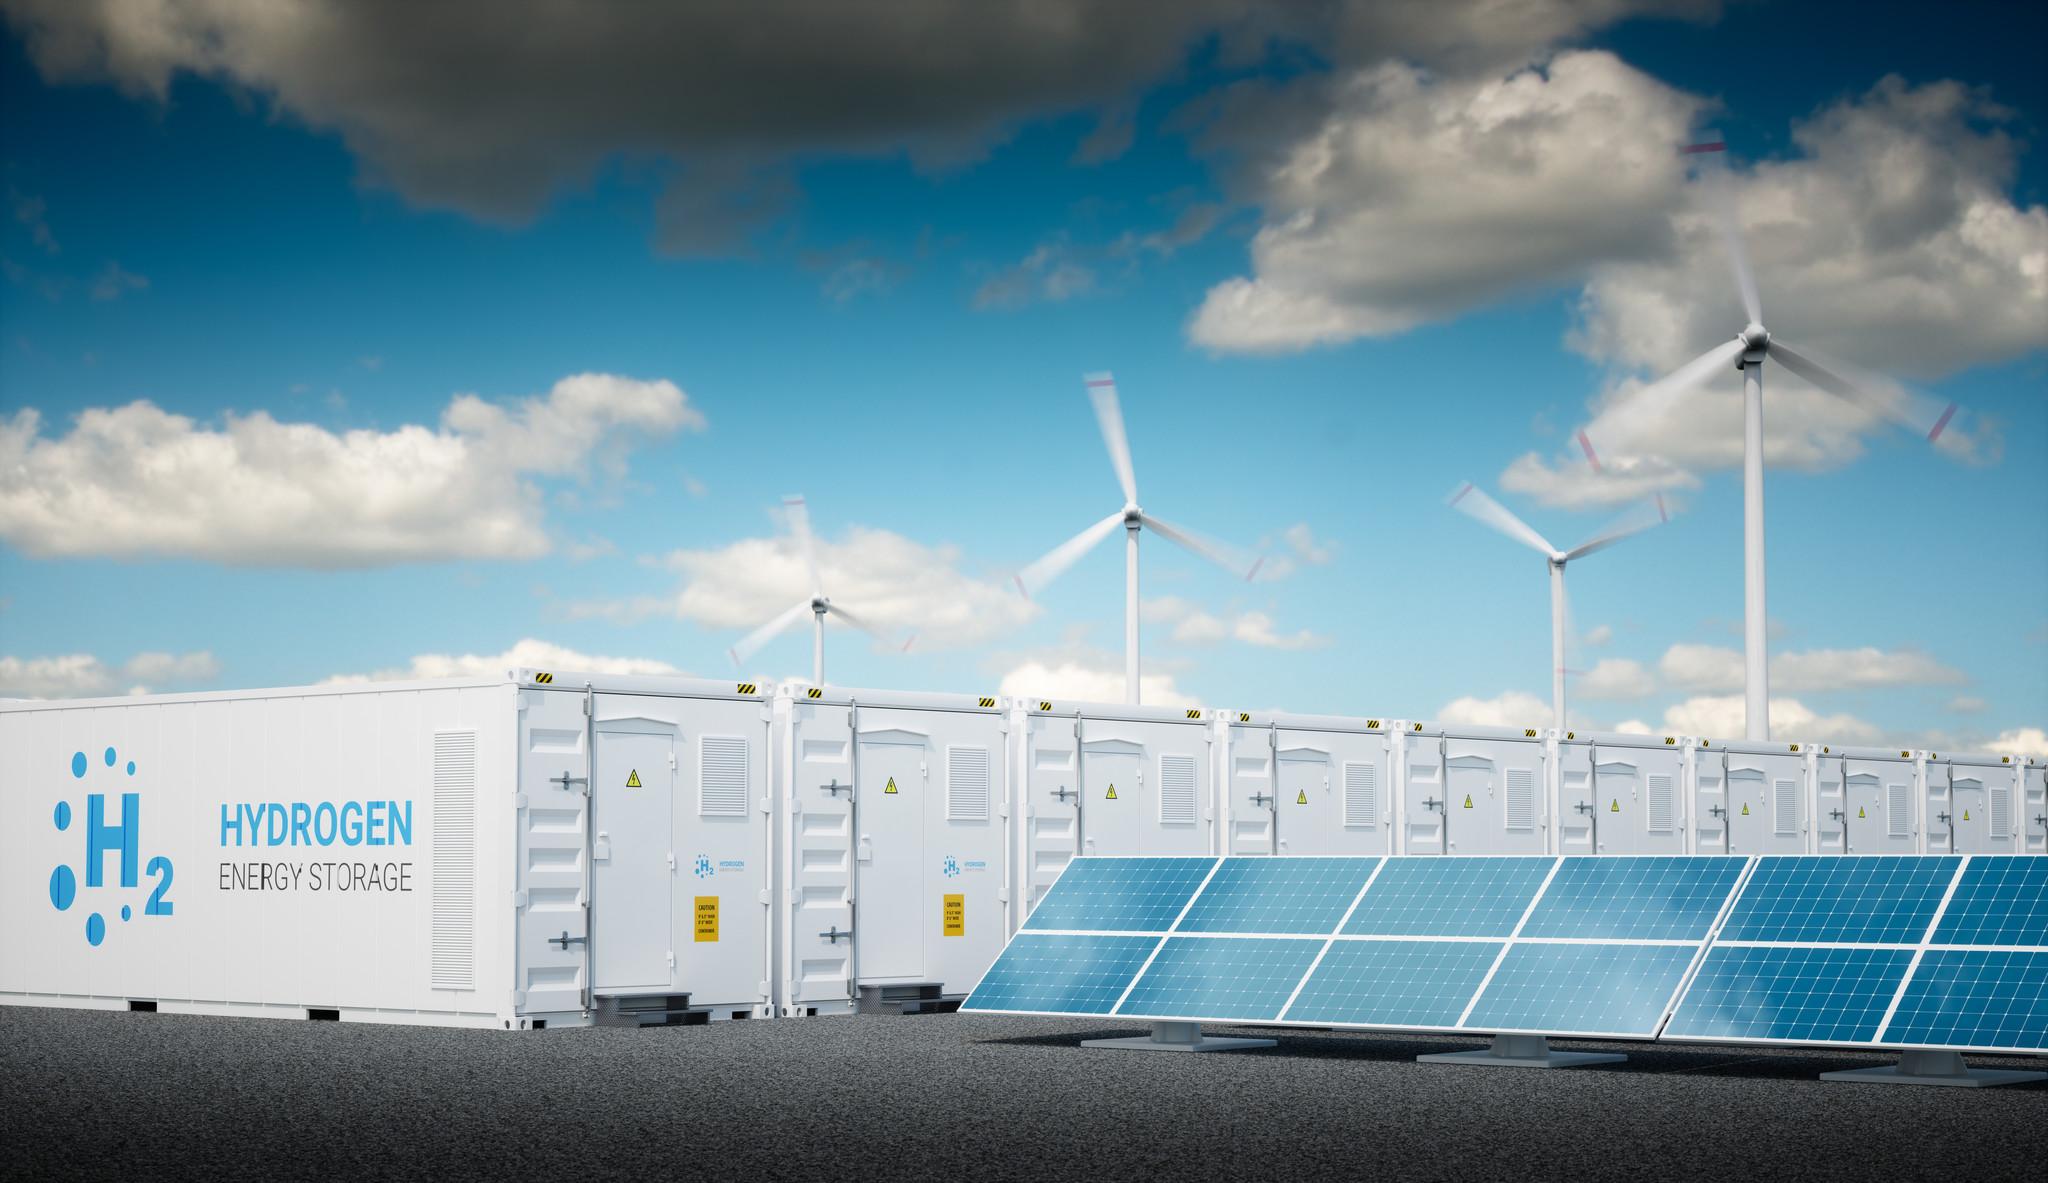 法国即将推出1000亿欧元财政刺激计划紧随欧盟强调发展氢能产业